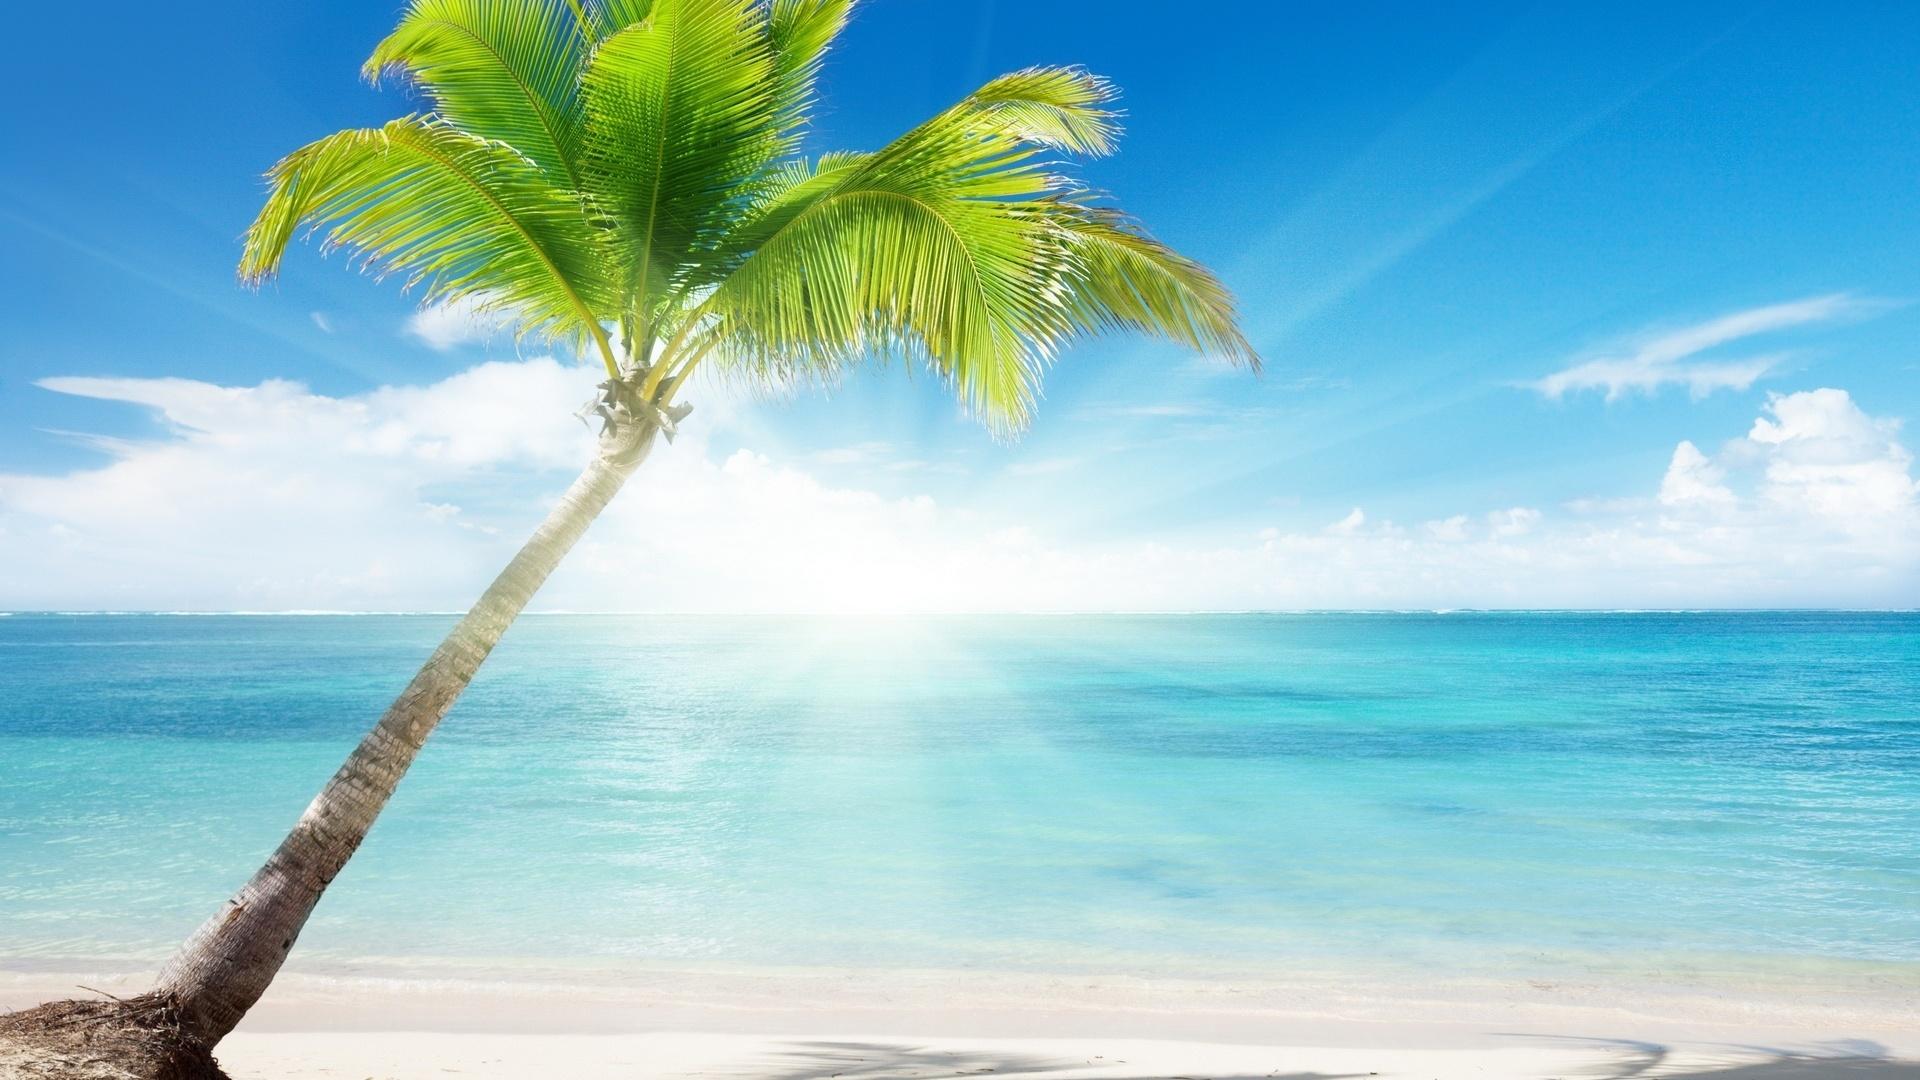 Картинки моря и пальм